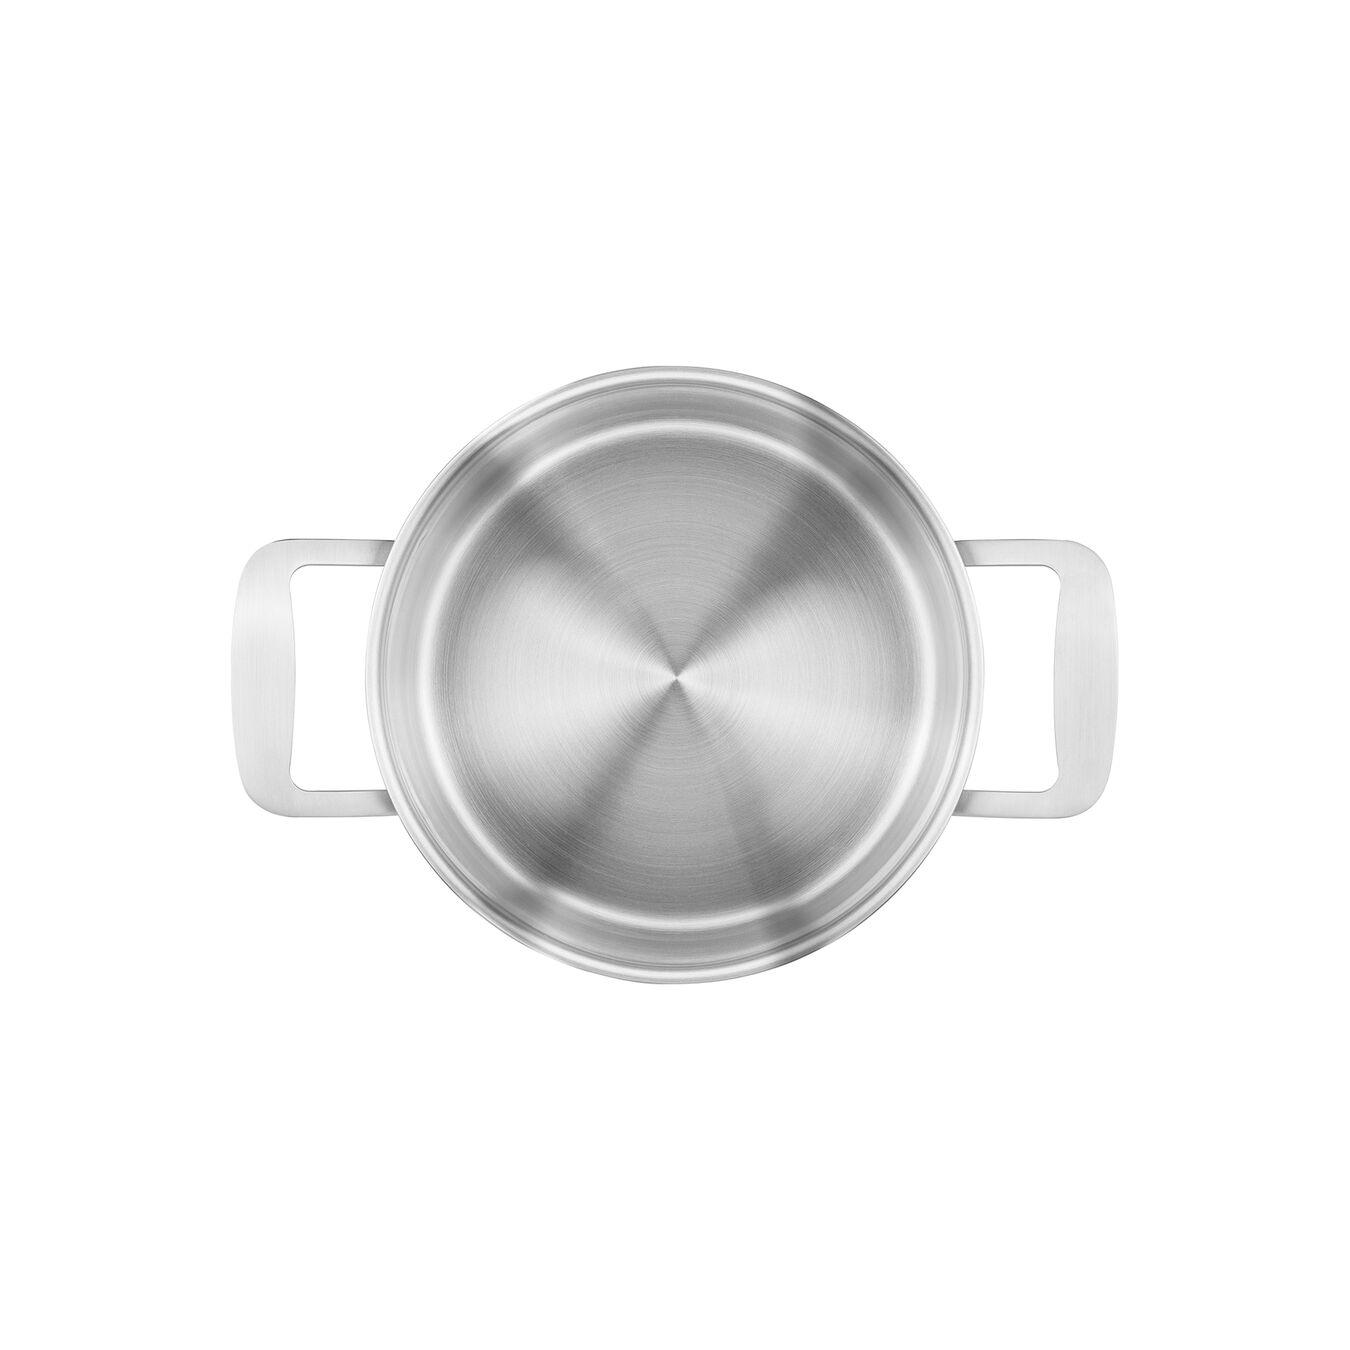 Ensemble de casseroles 3-pcs,,large 3